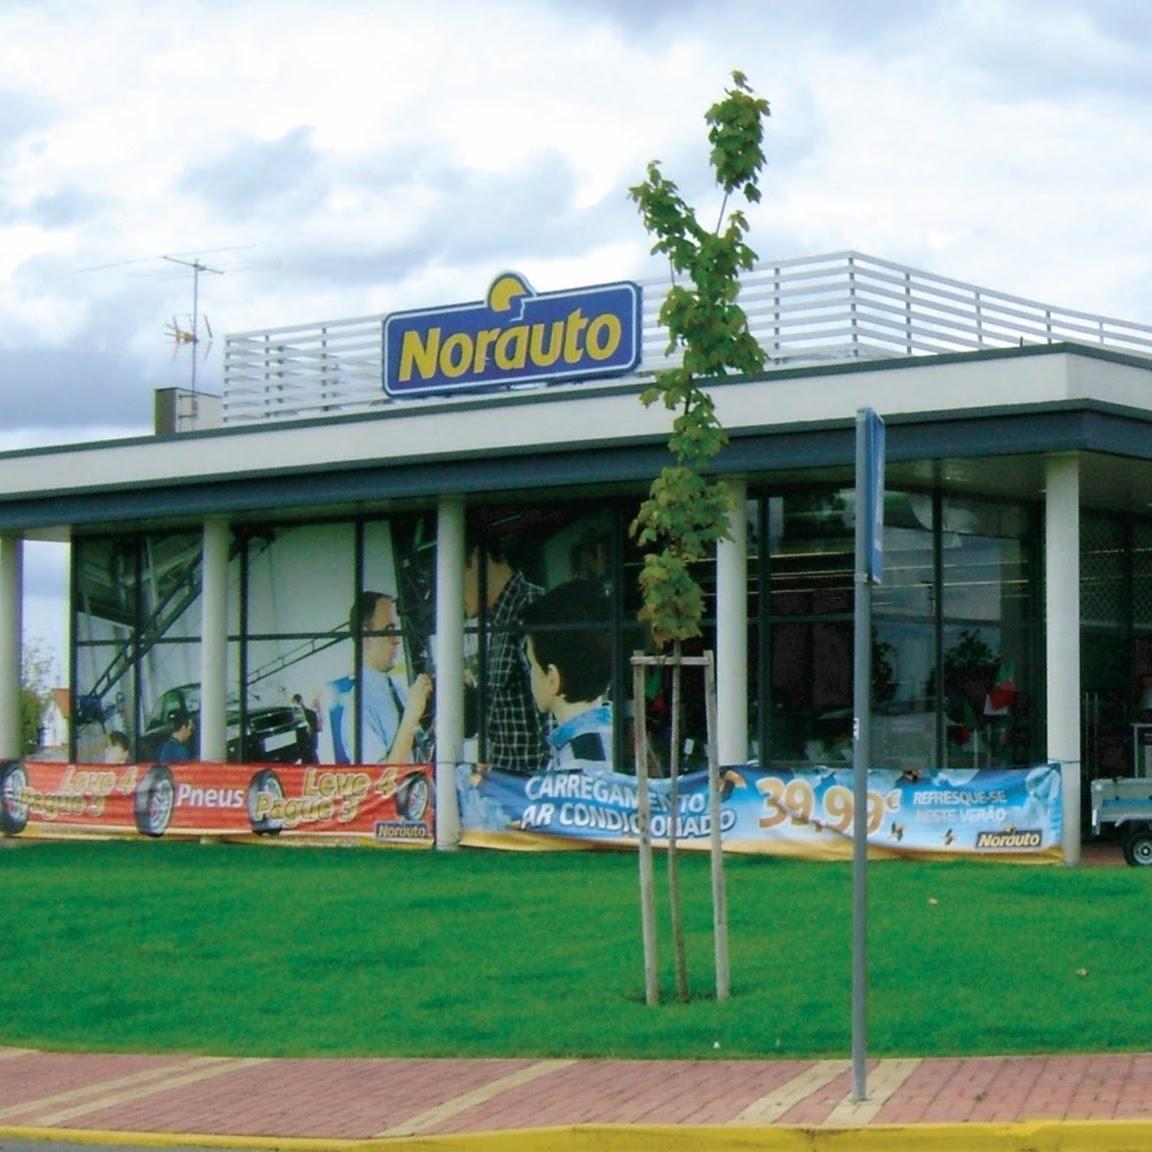 Norauto Coimbra